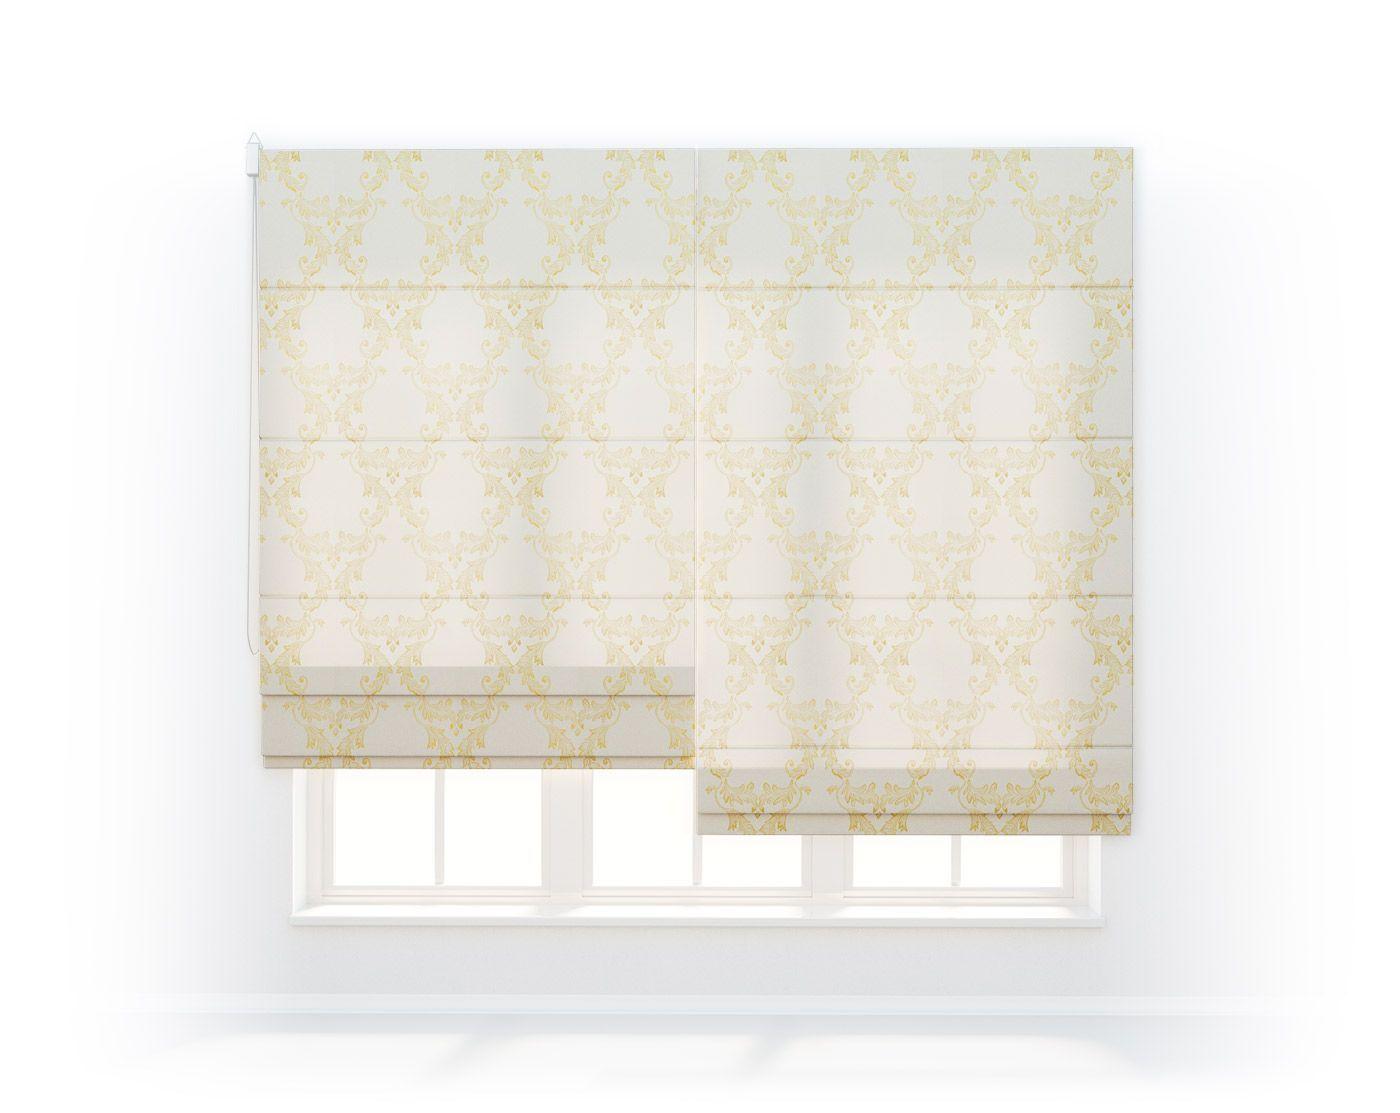 Римские шторы Louis D'or, 2375/15